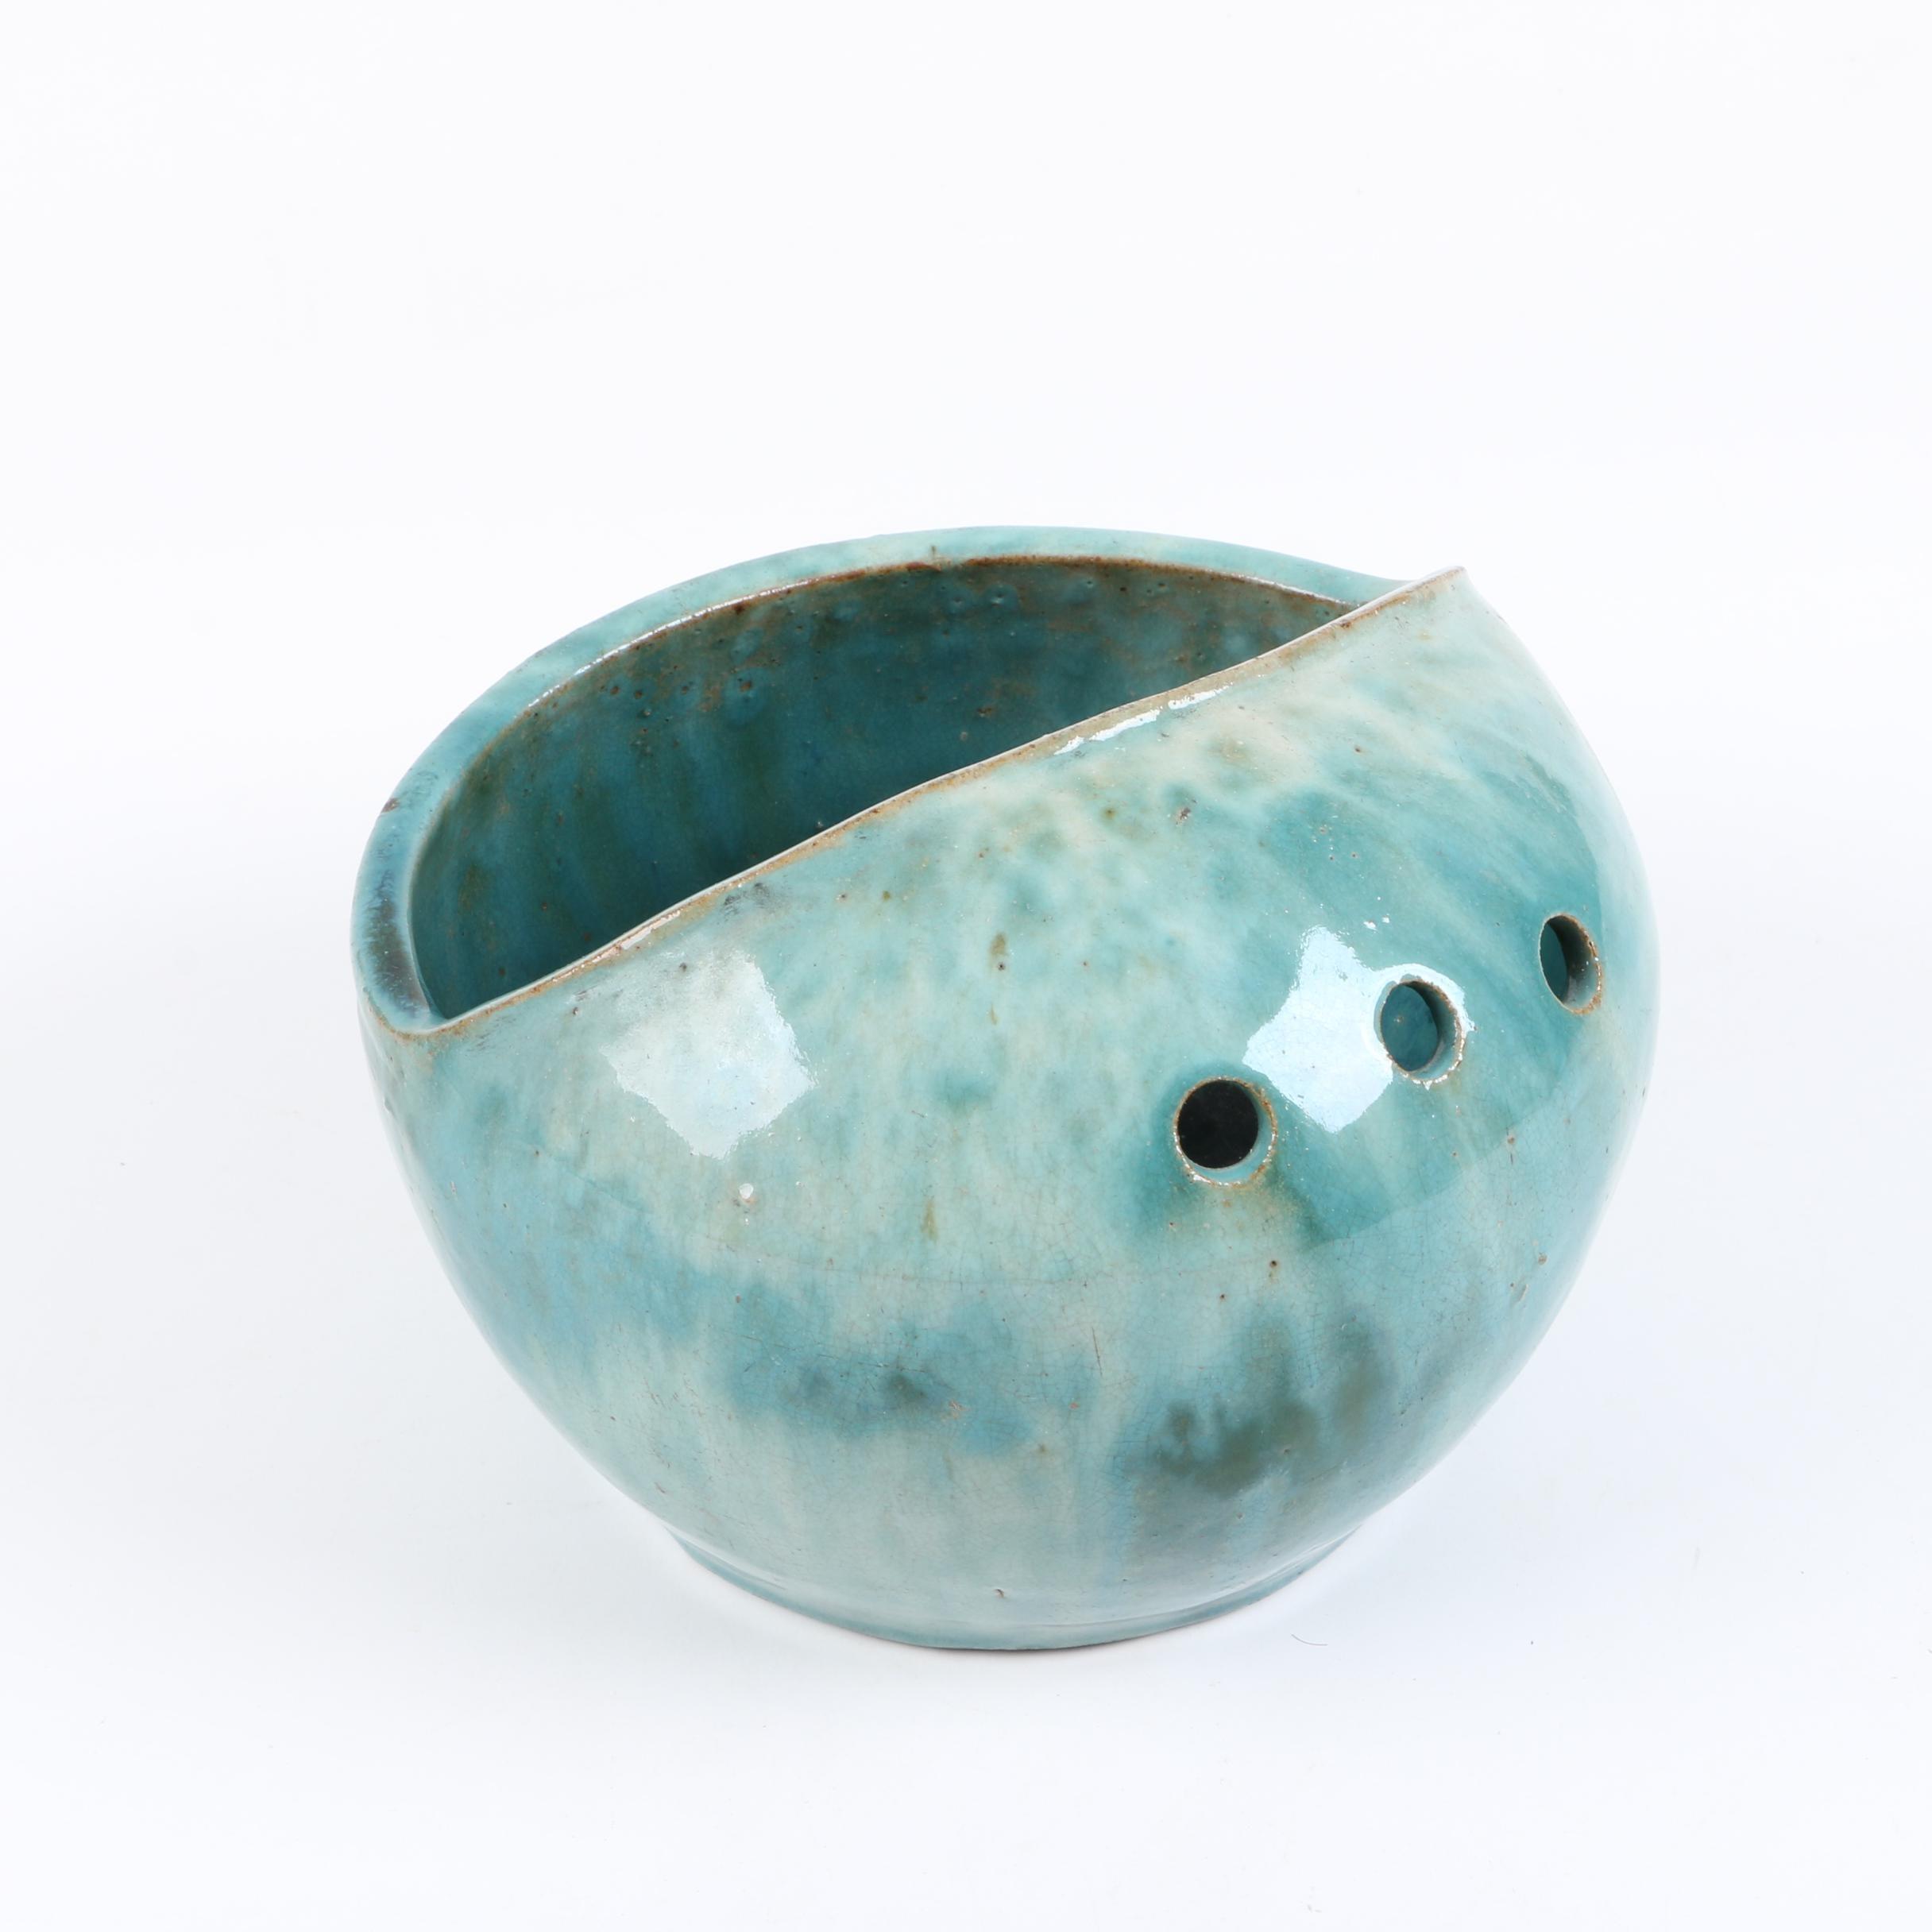 Antique Chinese Ceramic Vegetable Strainer